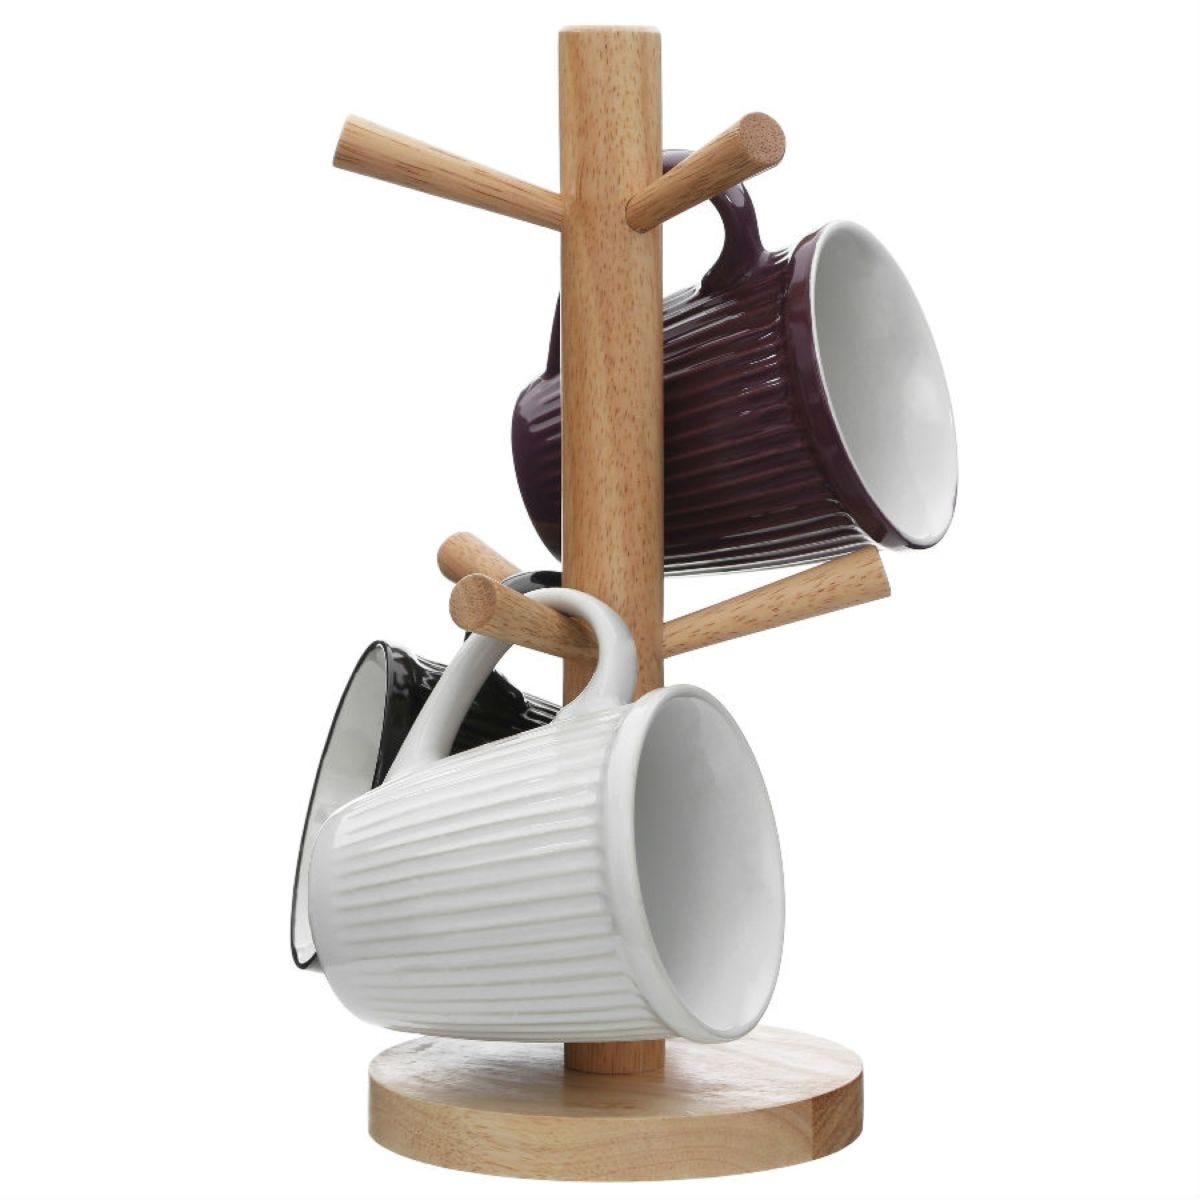 Premier Housewares 6-Cup Wooden Mug Tree